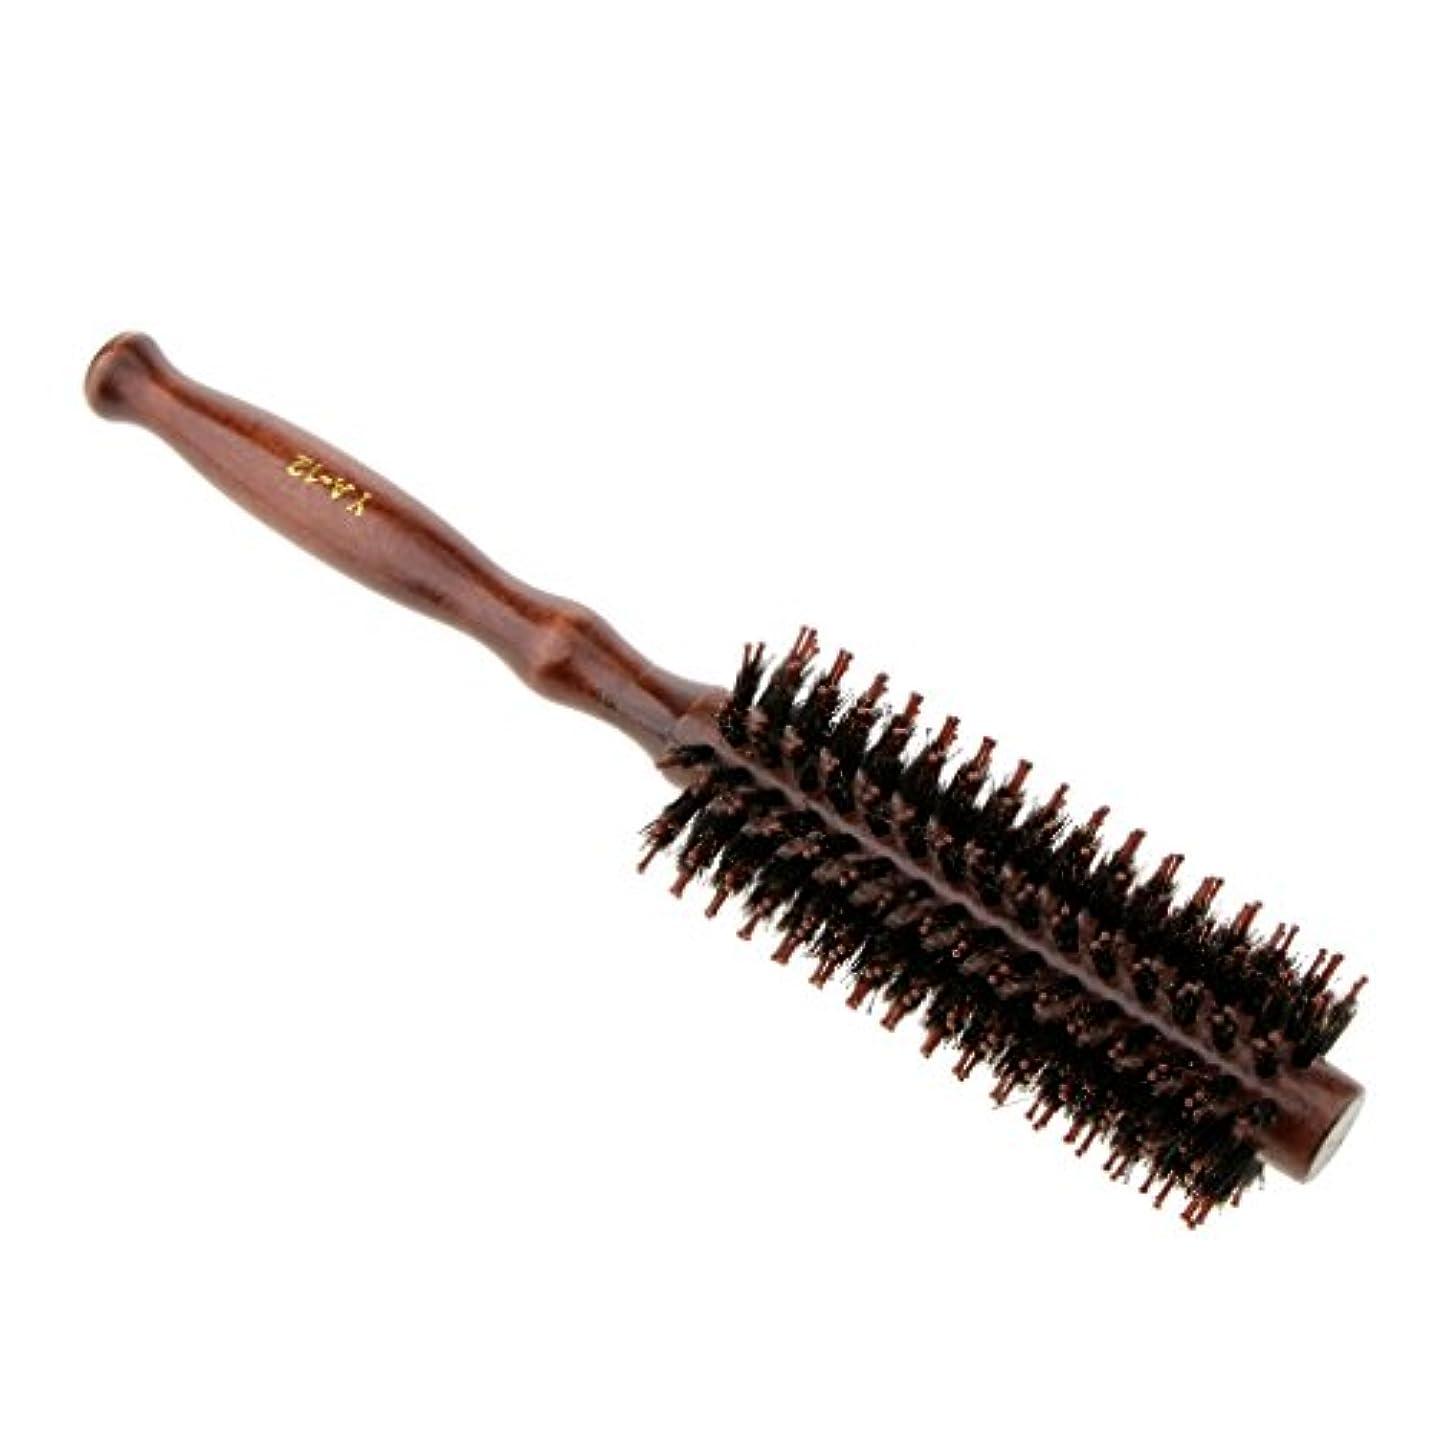 アジアシュート社会主義者ロールブラシ ヘアブラシ 木製ハンドル 滑らか カール 巻き髪 頭皮マッサージ くし 櫛 2タイプ選べる - #2